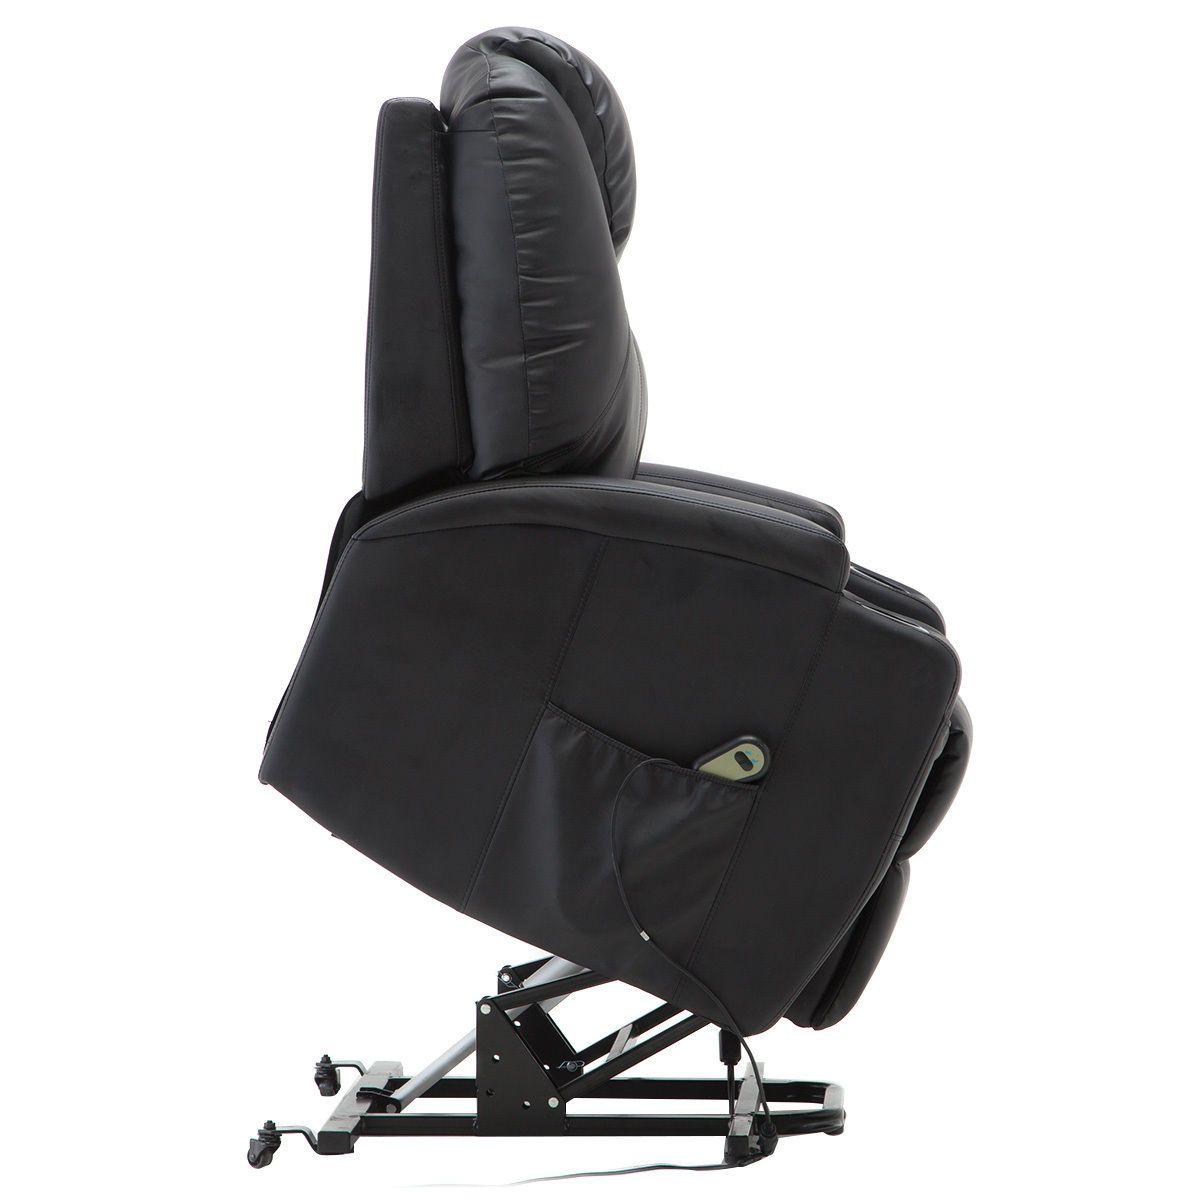 Giantex Electric Lift Power Recliner Chair Heated Massage ...